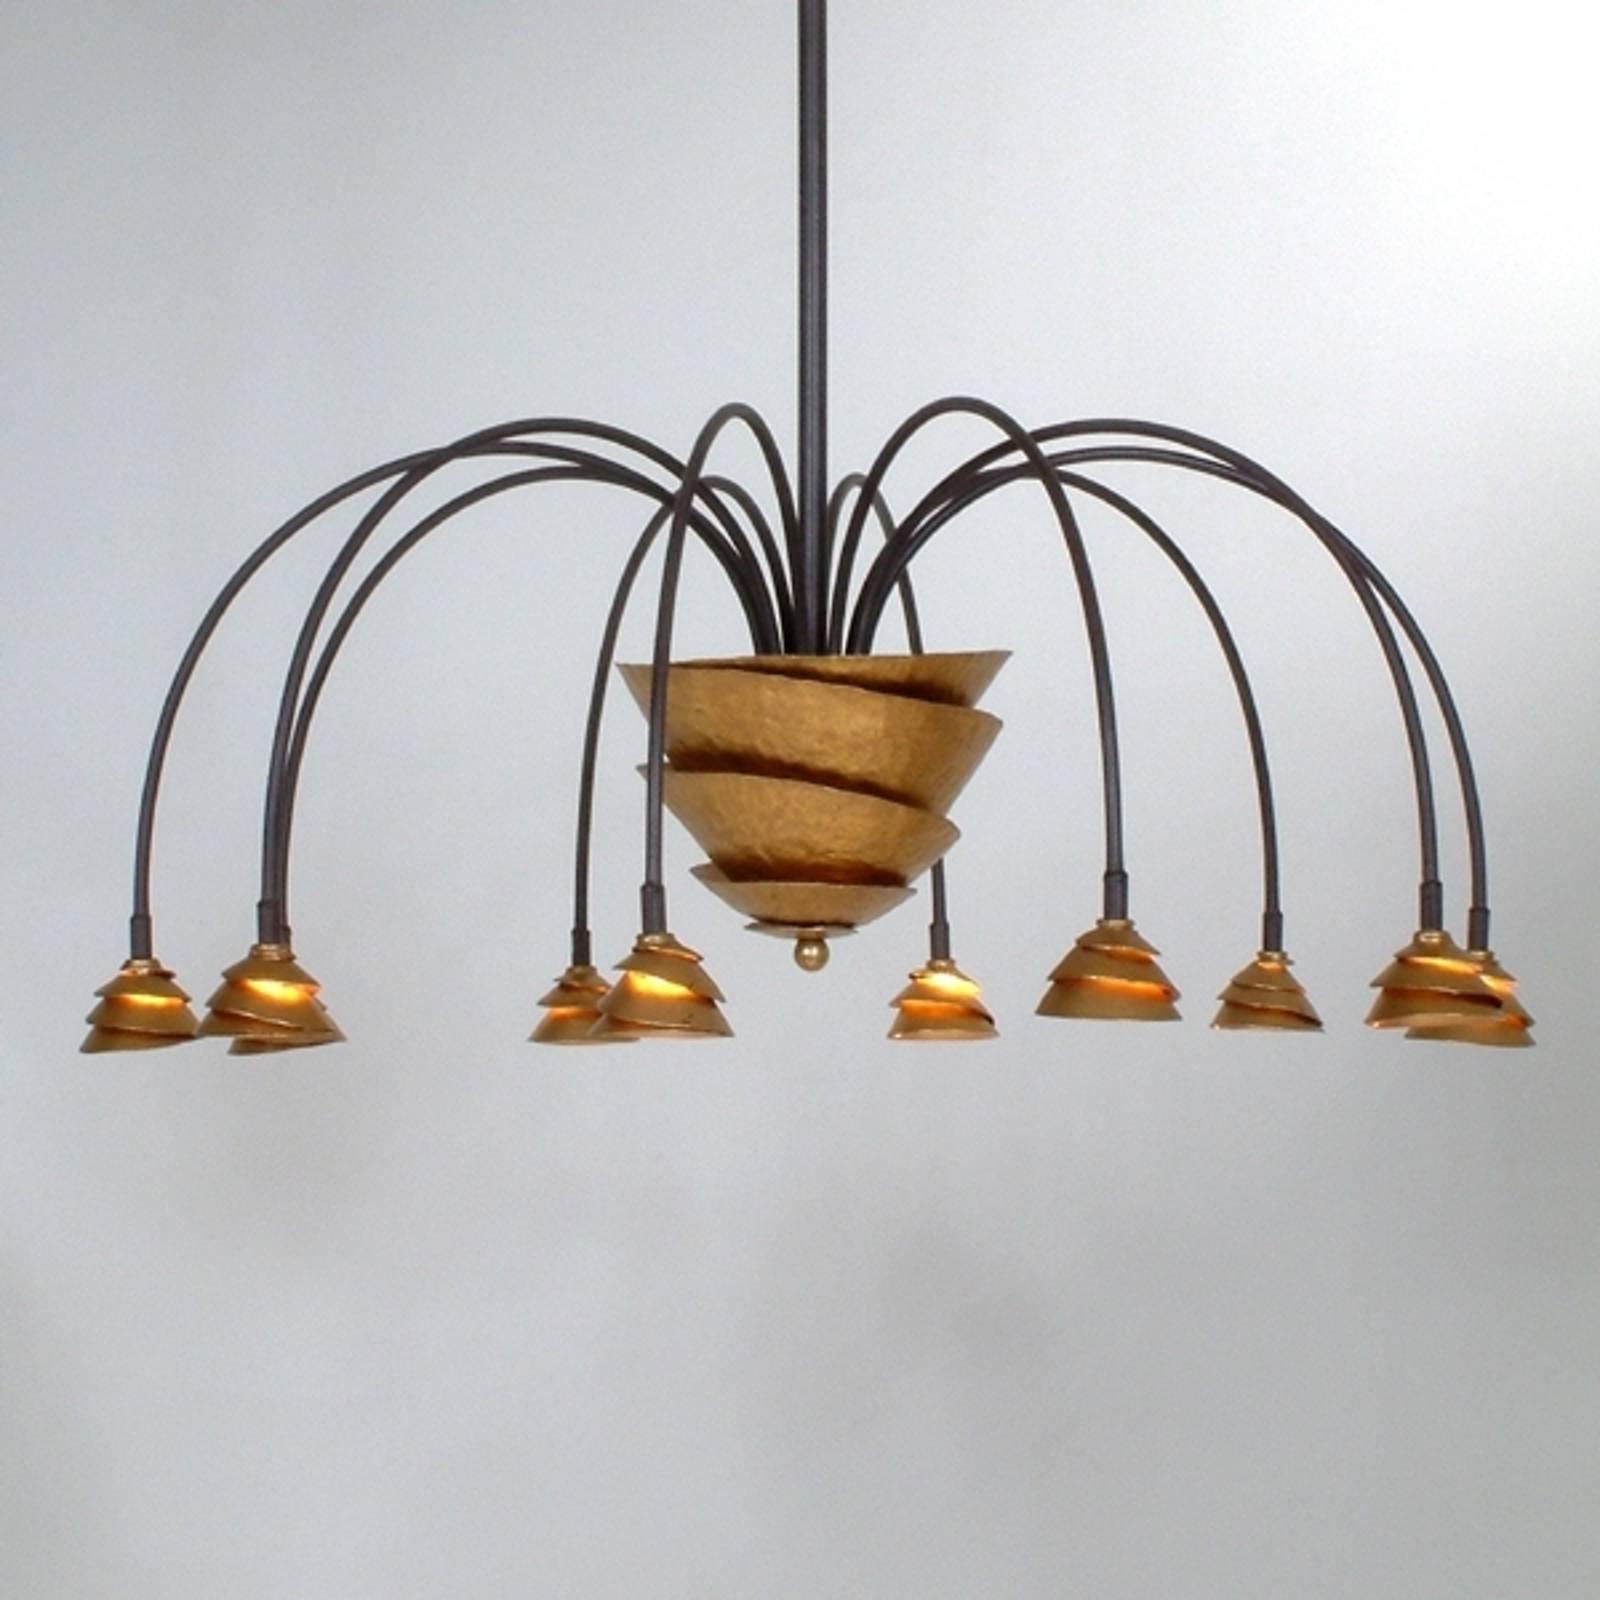 Lampa wisząca LED Fontaine żelazo-brązowy-złoty